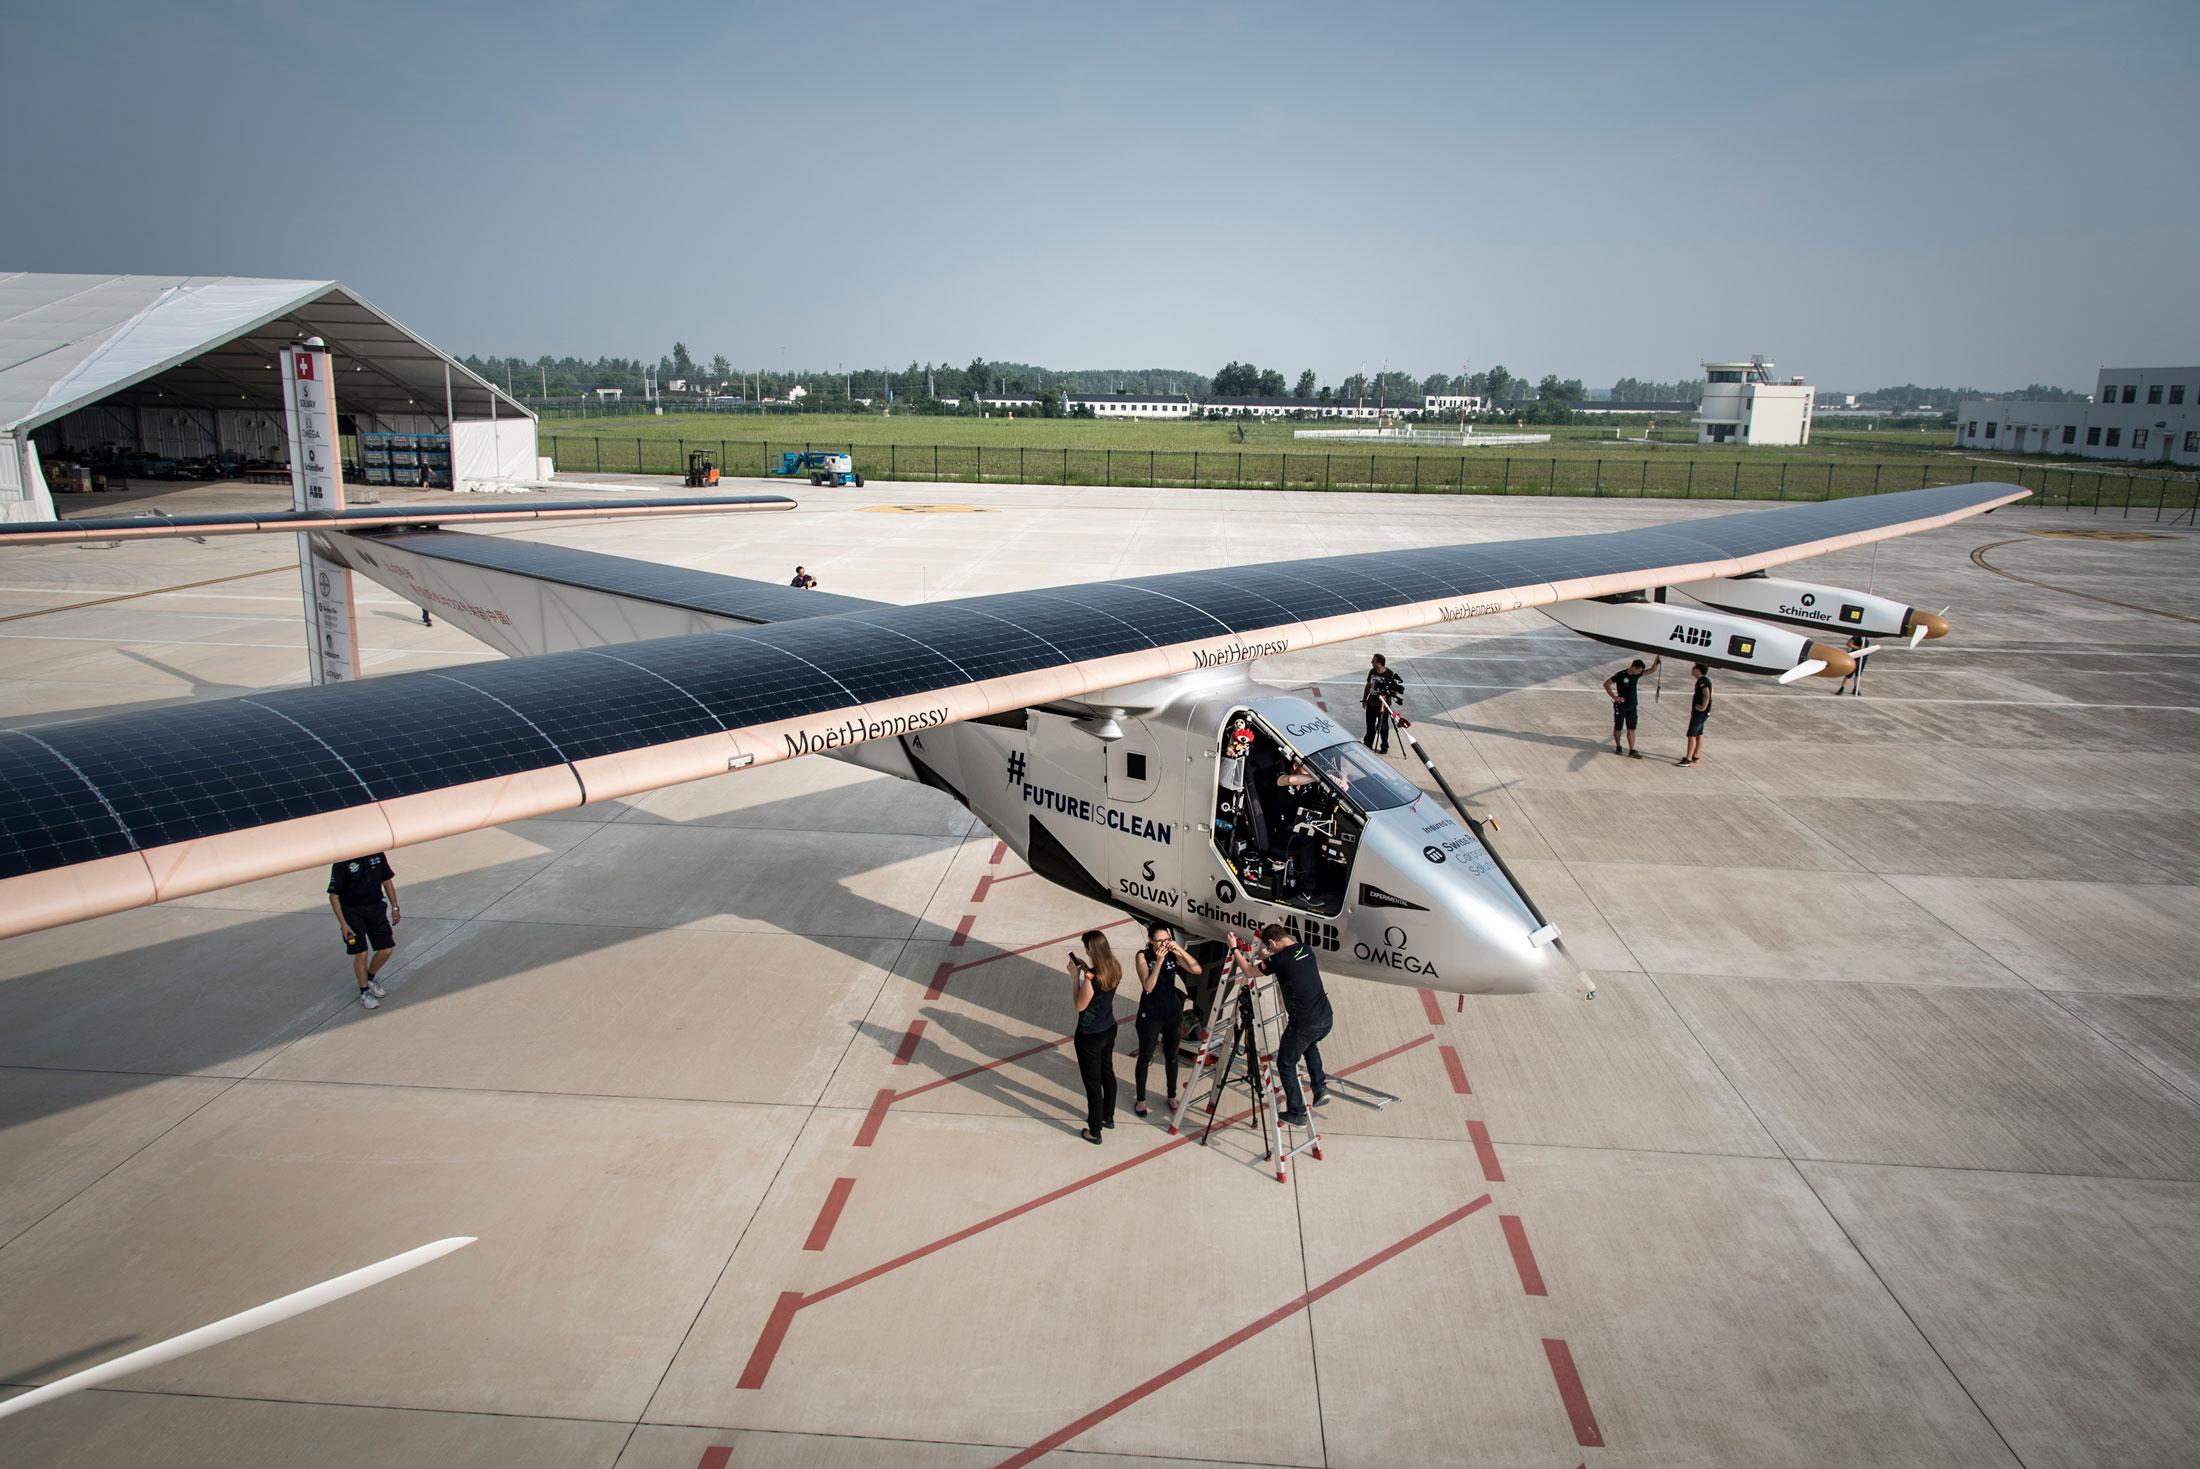 [Jeu] Association d'images - Page 2 Nt_zero_fuel_aircraft_bg